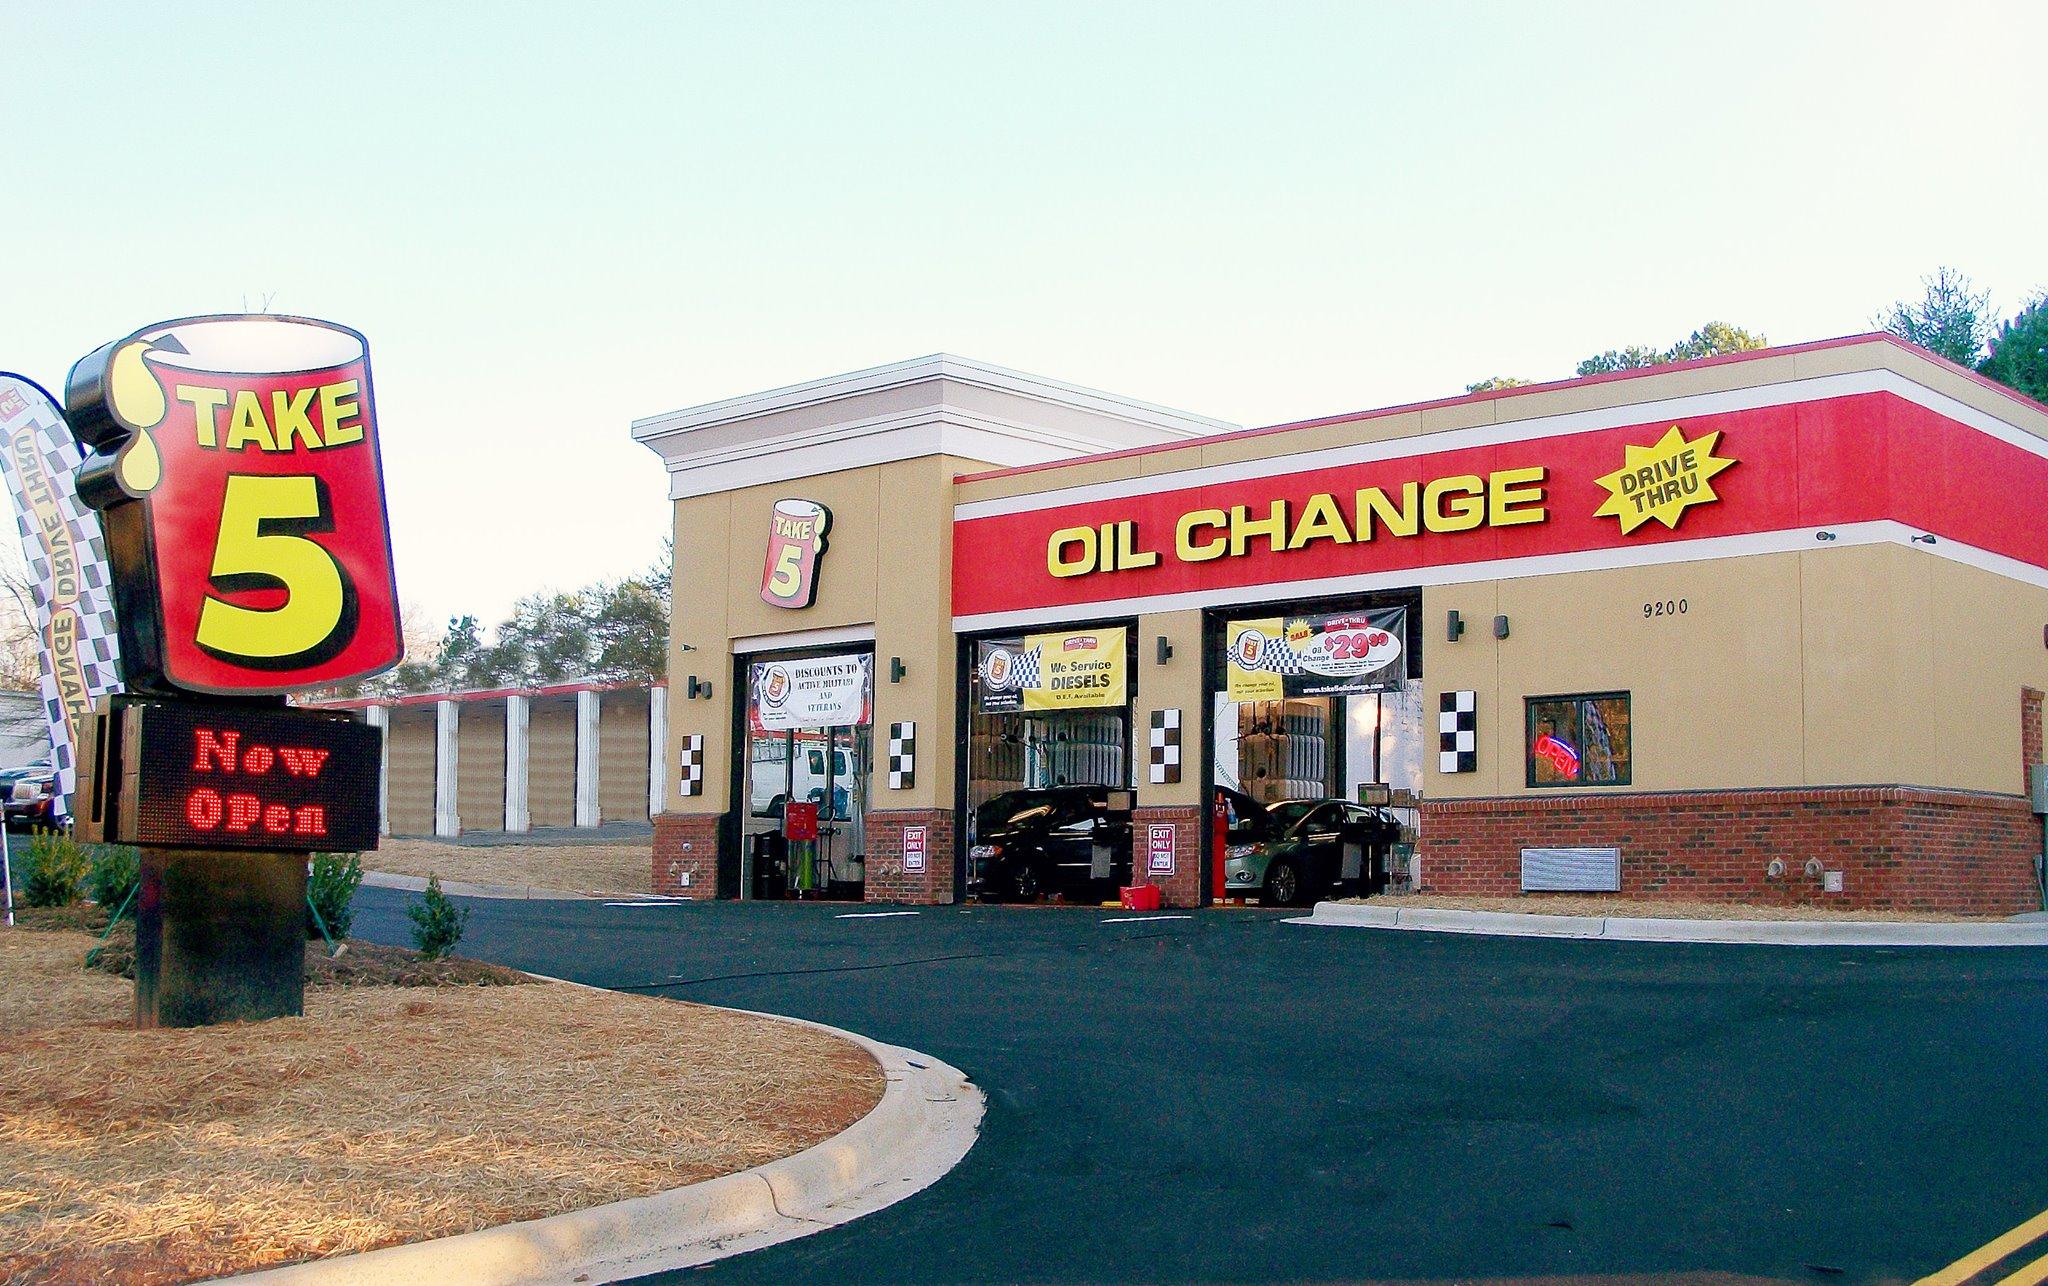 Car Rental Agencies Near My Location